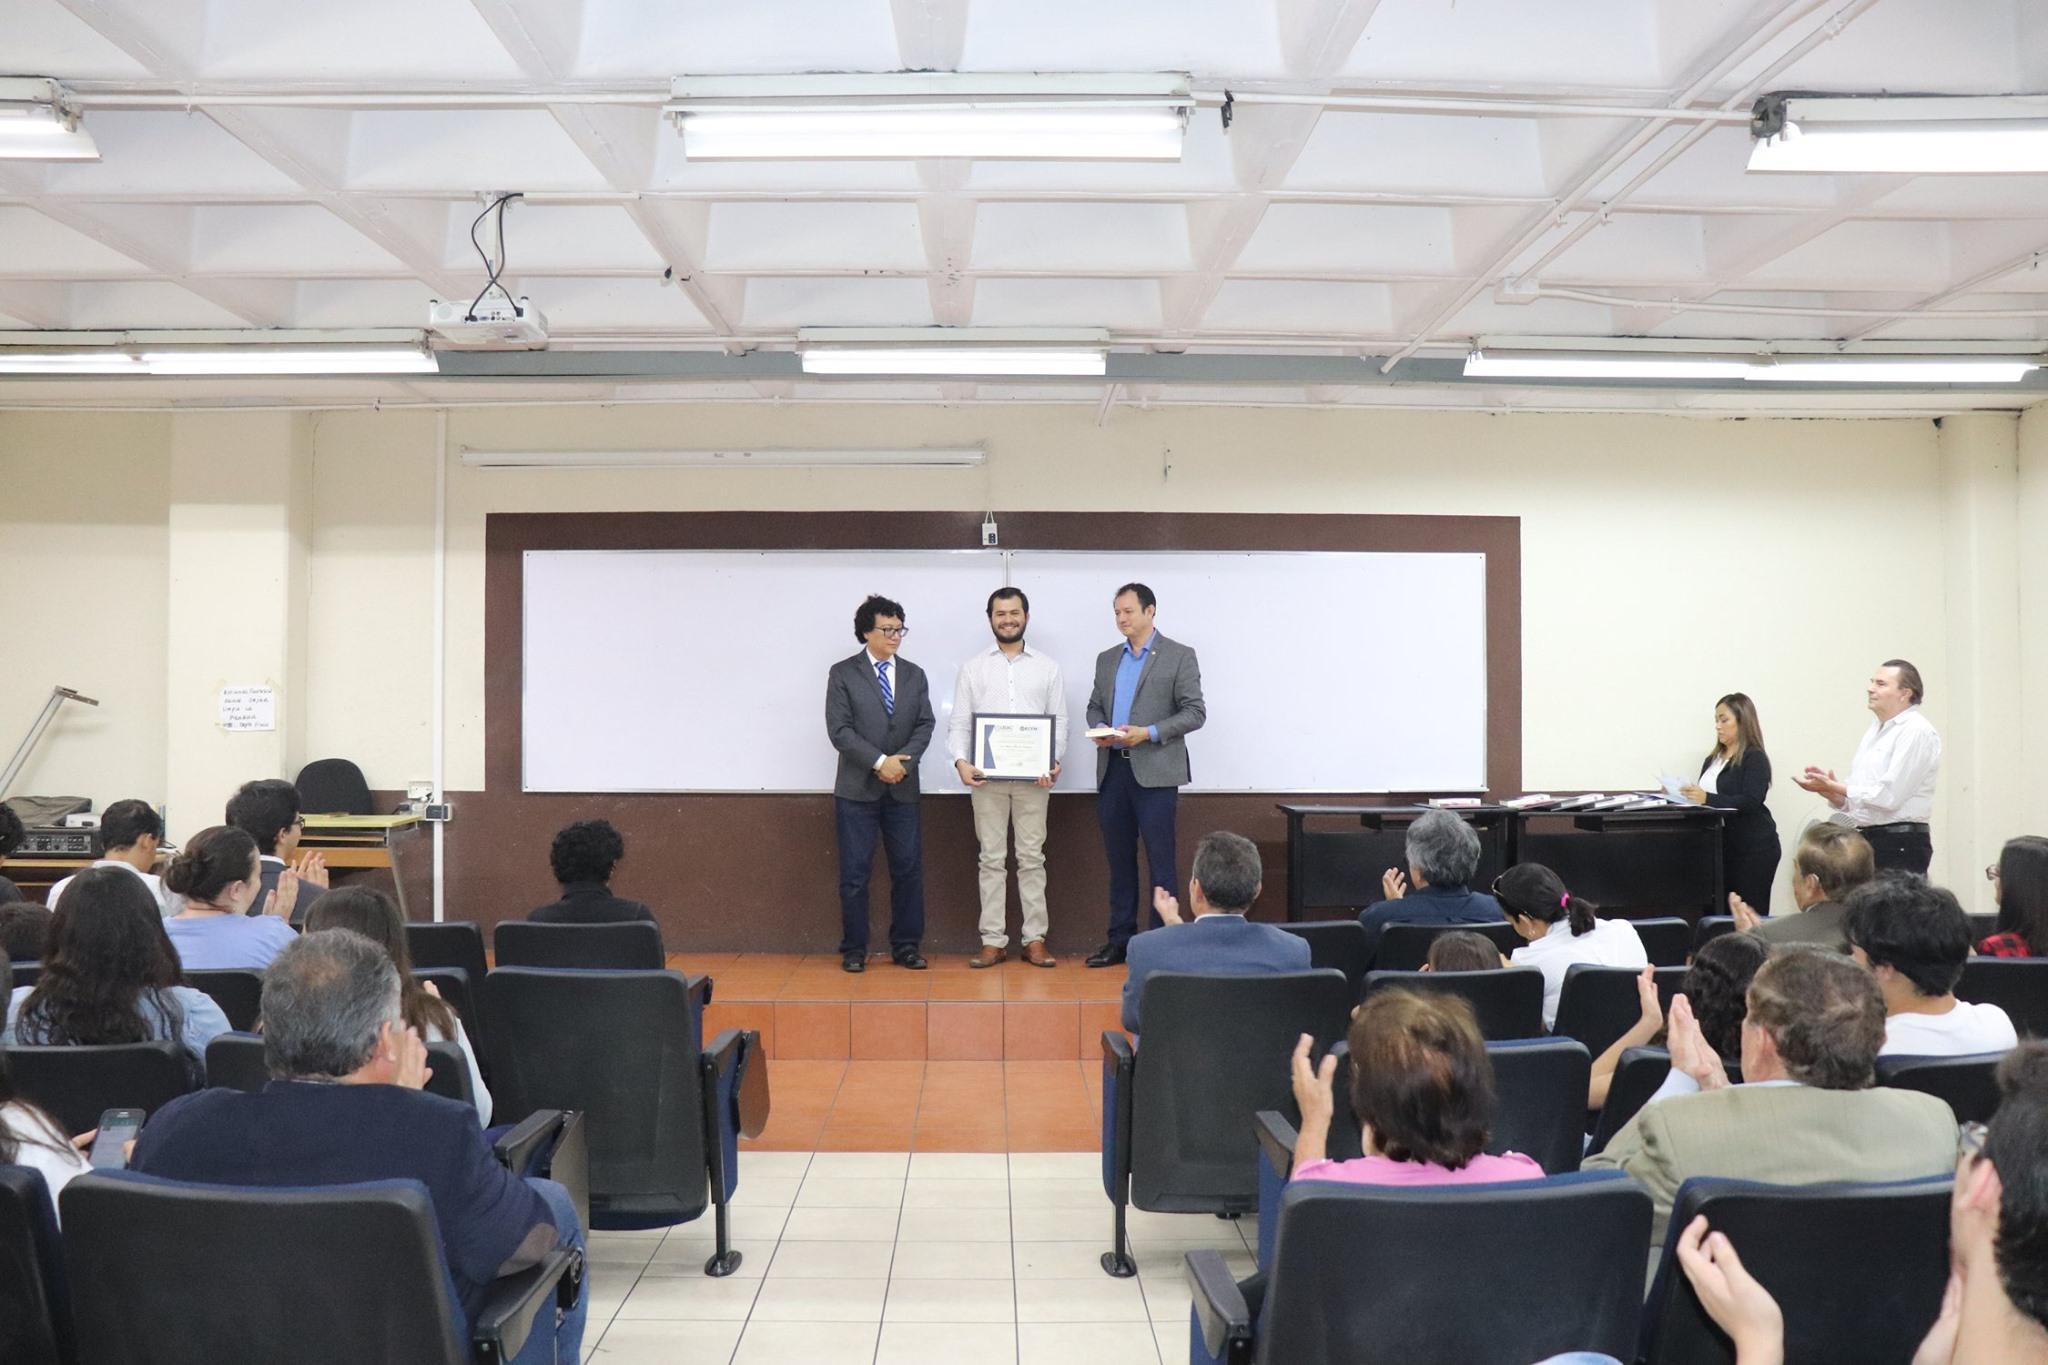 Luis Alvarado, Reconocimiento a la Excelencia Académica, Licenciatura en Matemáticas (USAC).